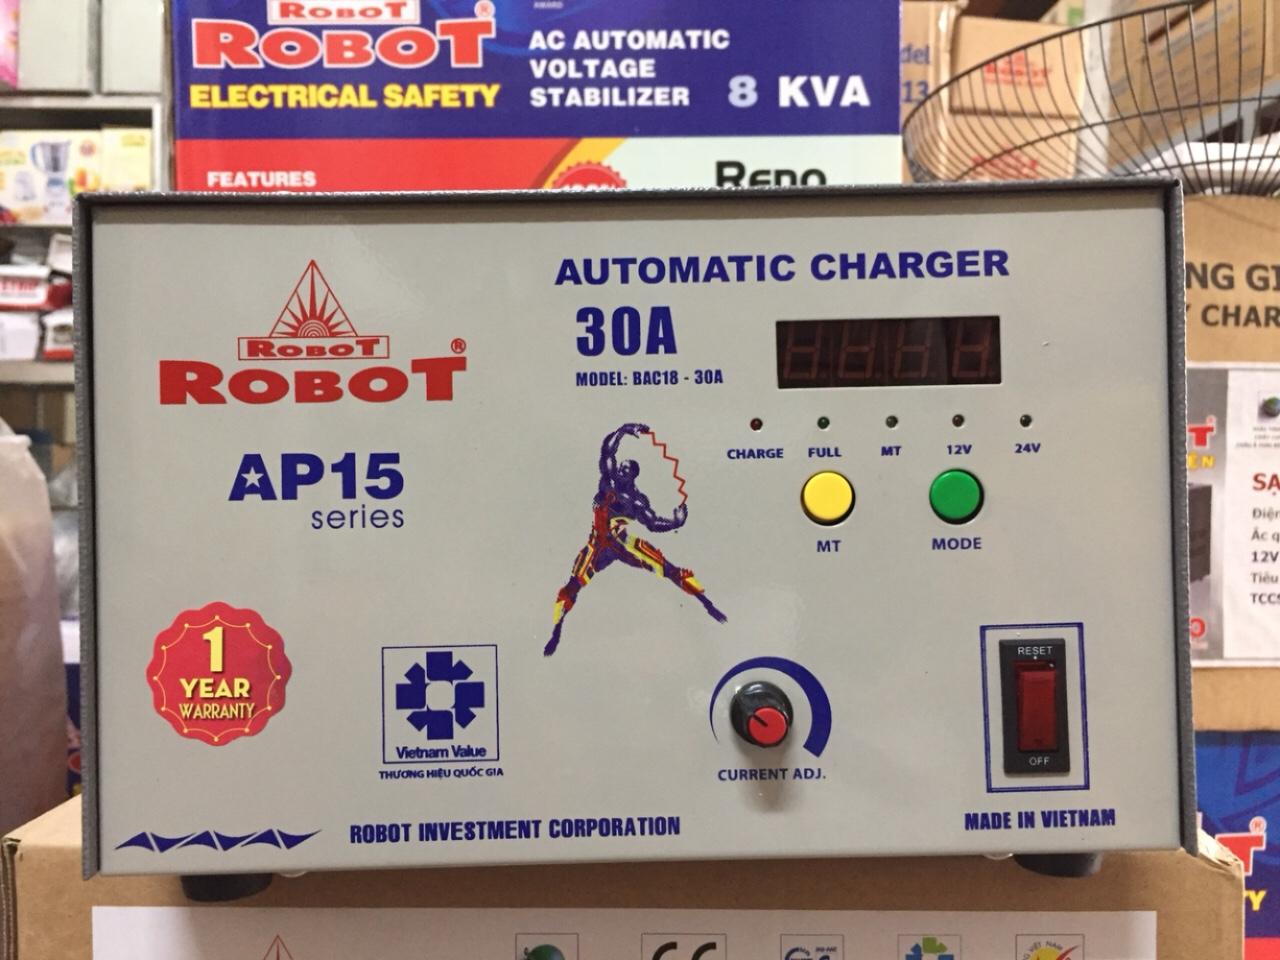 Sạc Tự Động Robot 30A